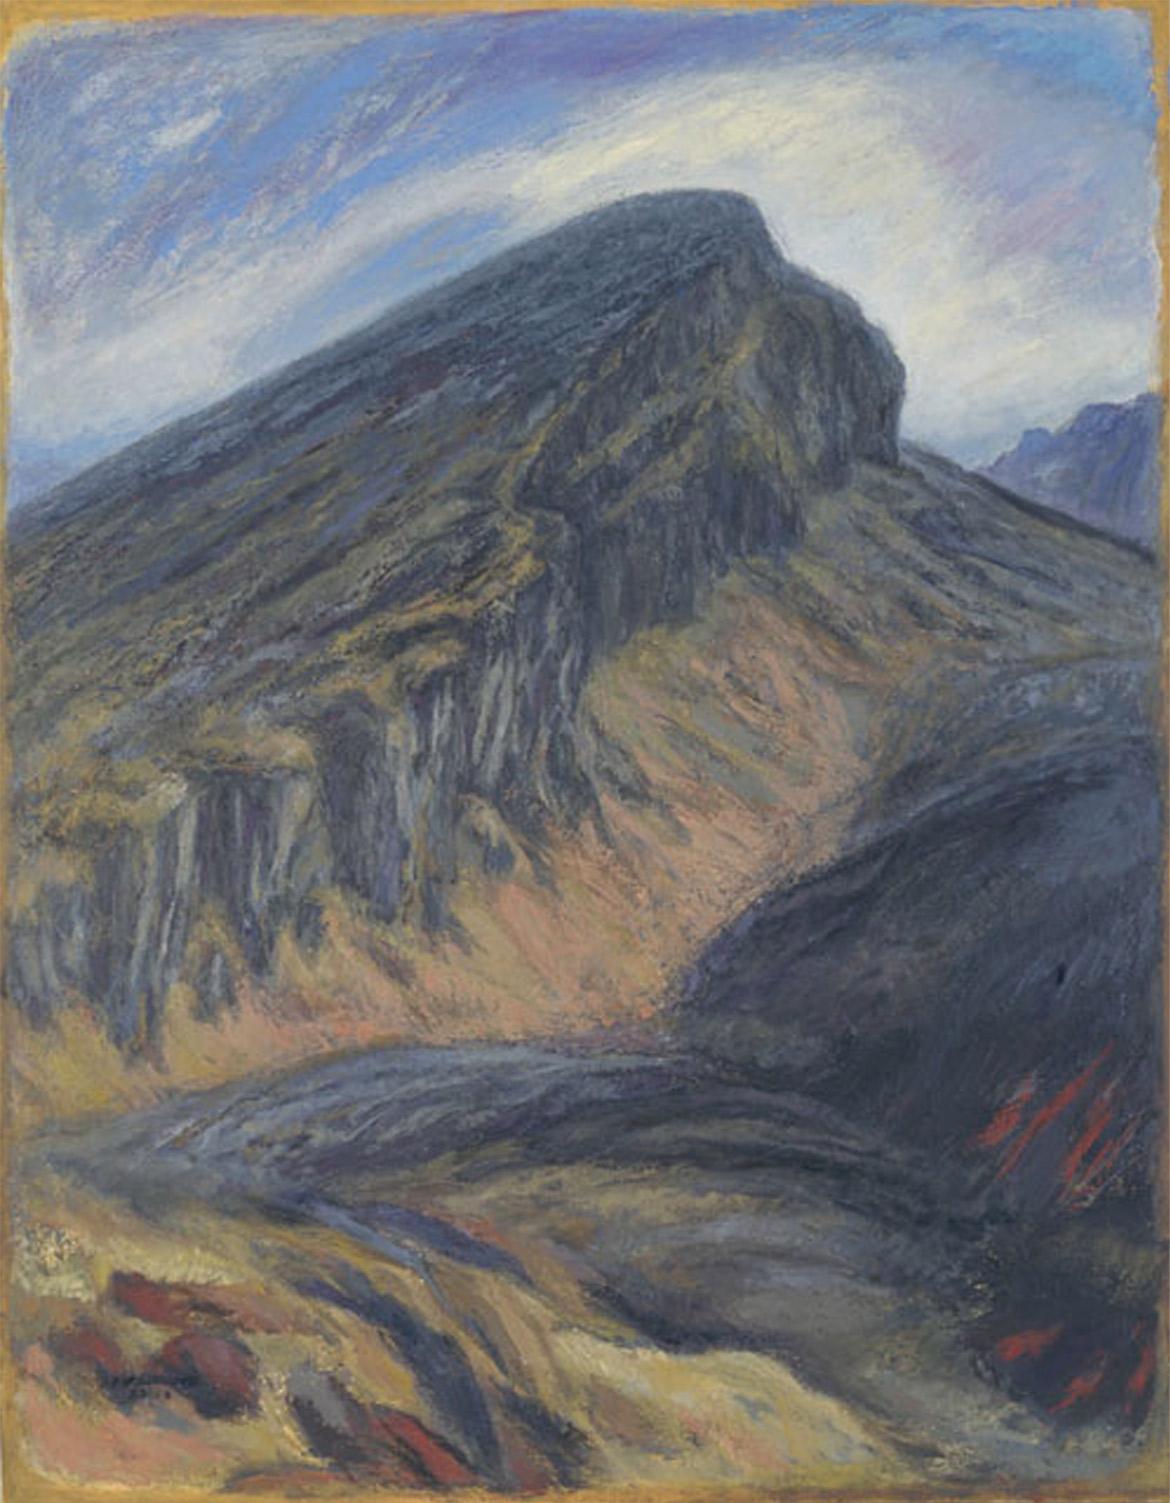 ふるさとの山 韓国岳の絶壁